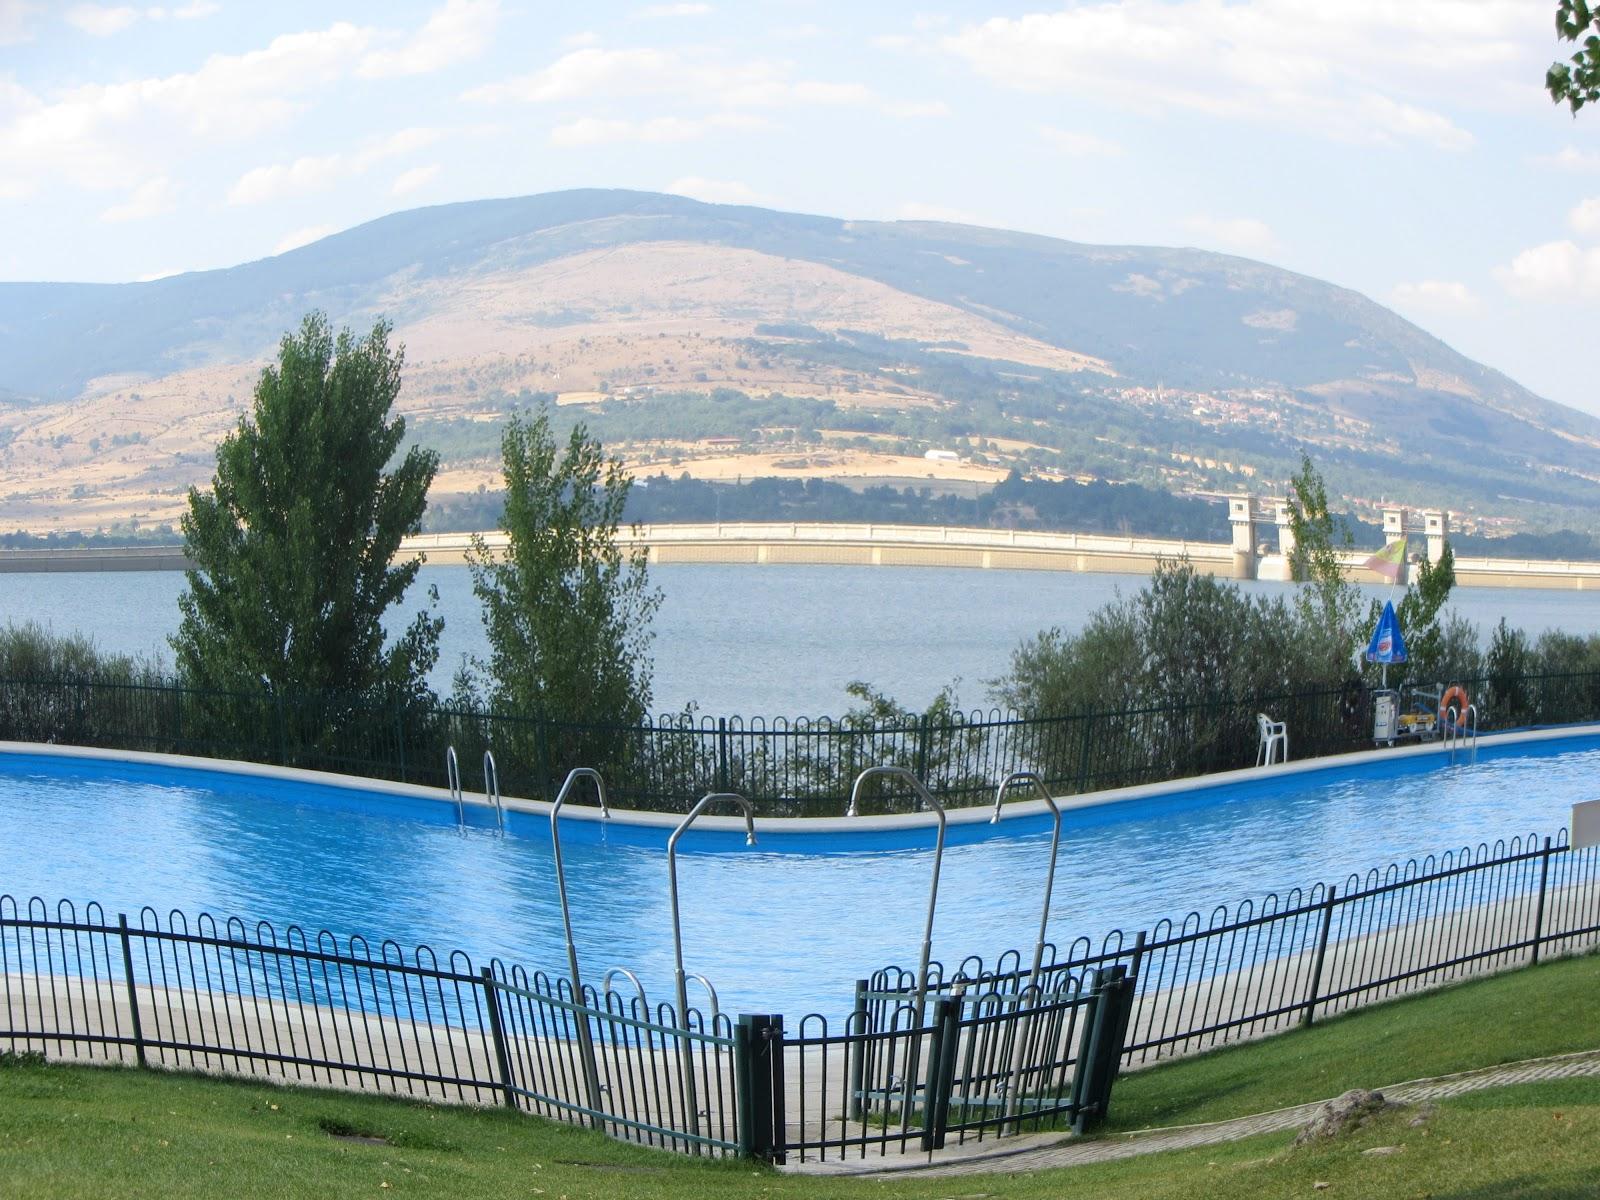 Buitrago de lozoya madrid piscinas naturales for Piscinas naturales buitrago